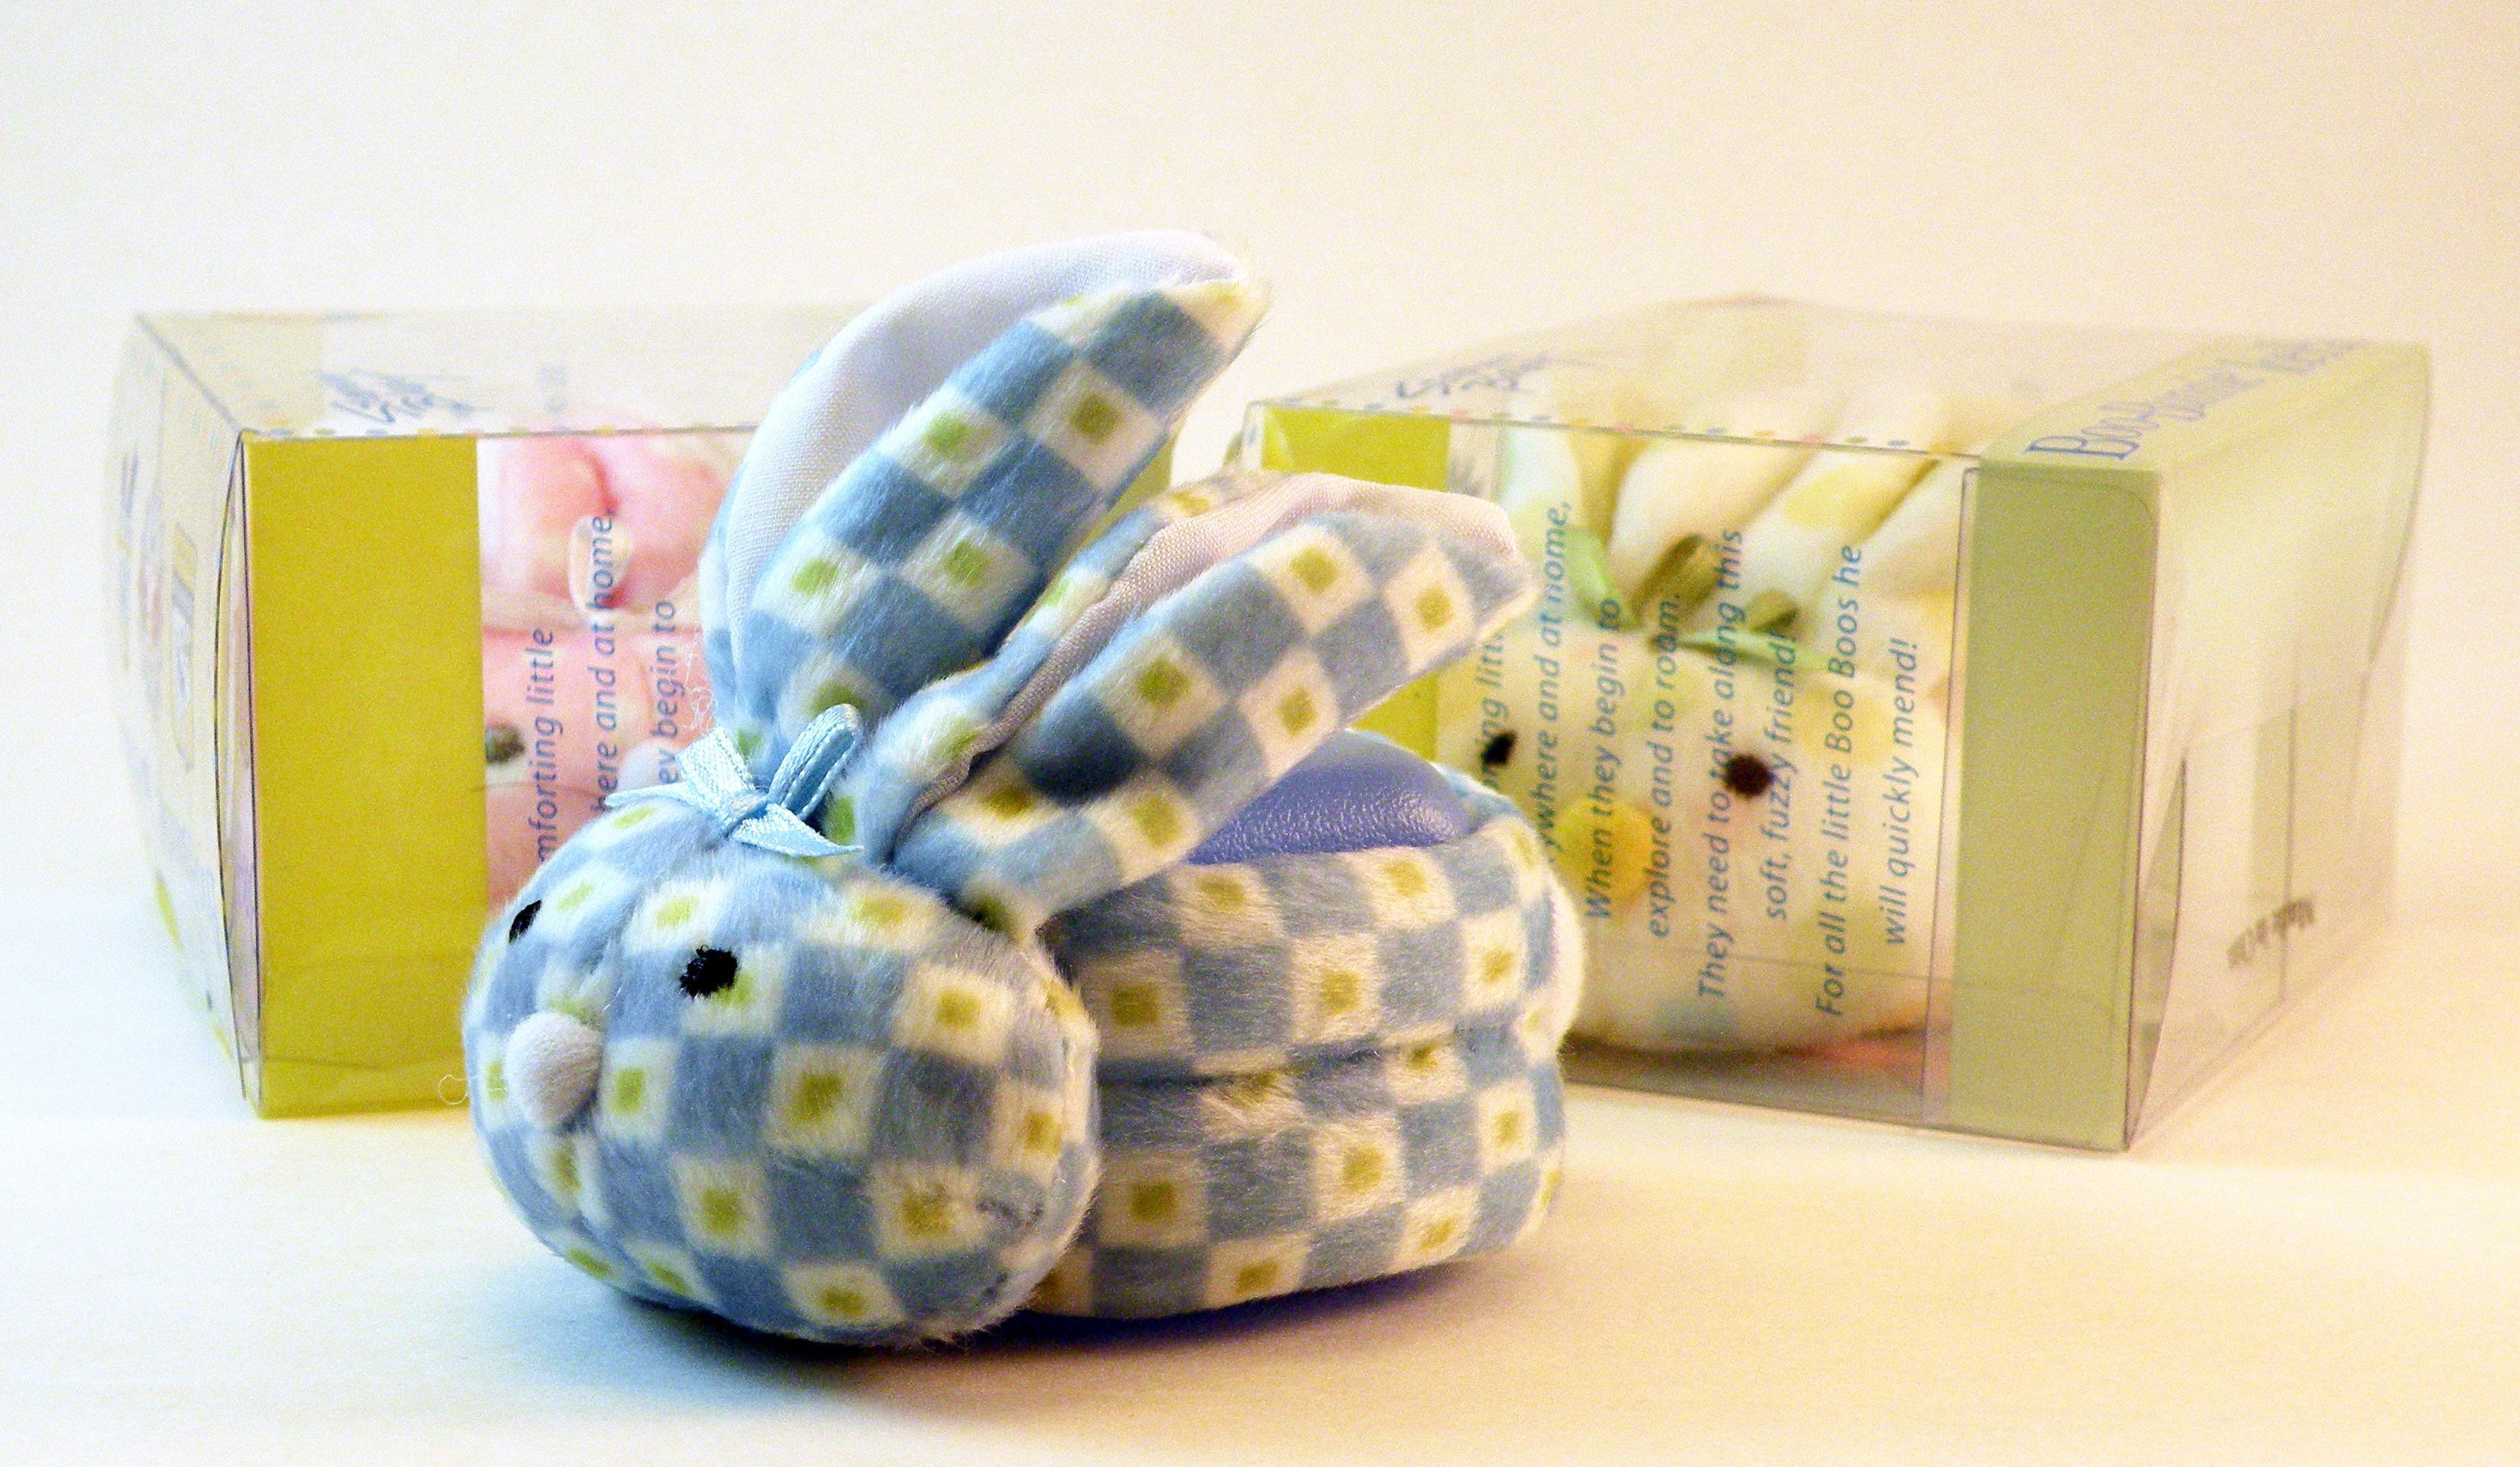 Tienda online de decoraci n accesorios regalos a for Accesorios decoracion online